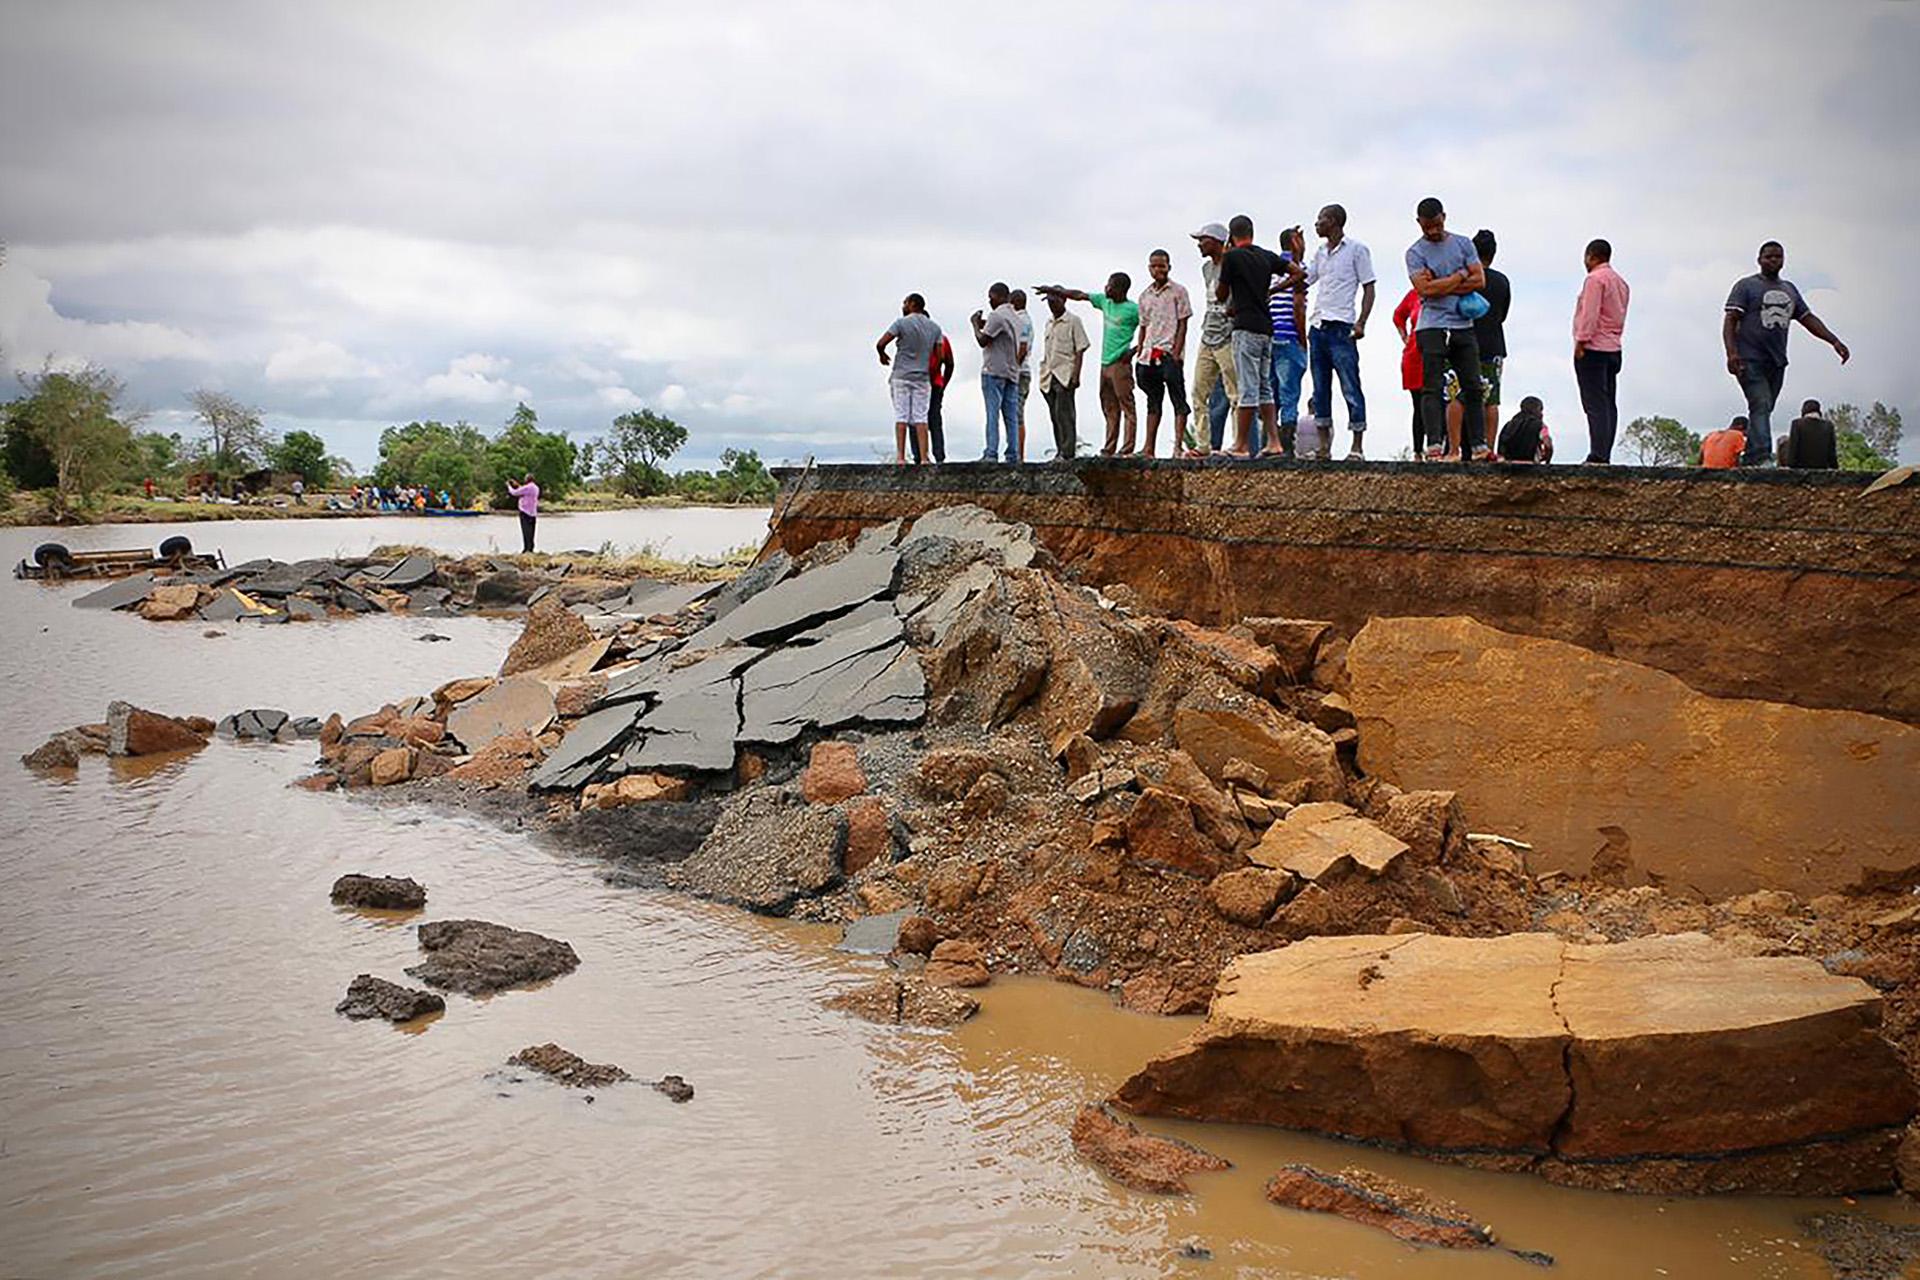 Los locales se ubican junto a una sección dañada de la carretera entre Beira y Chimoio en el distrito de Nhamatanda, en el centro de Mozambique, el 19 de marzo (Photo by ADRIEN BARBIER / AFP)